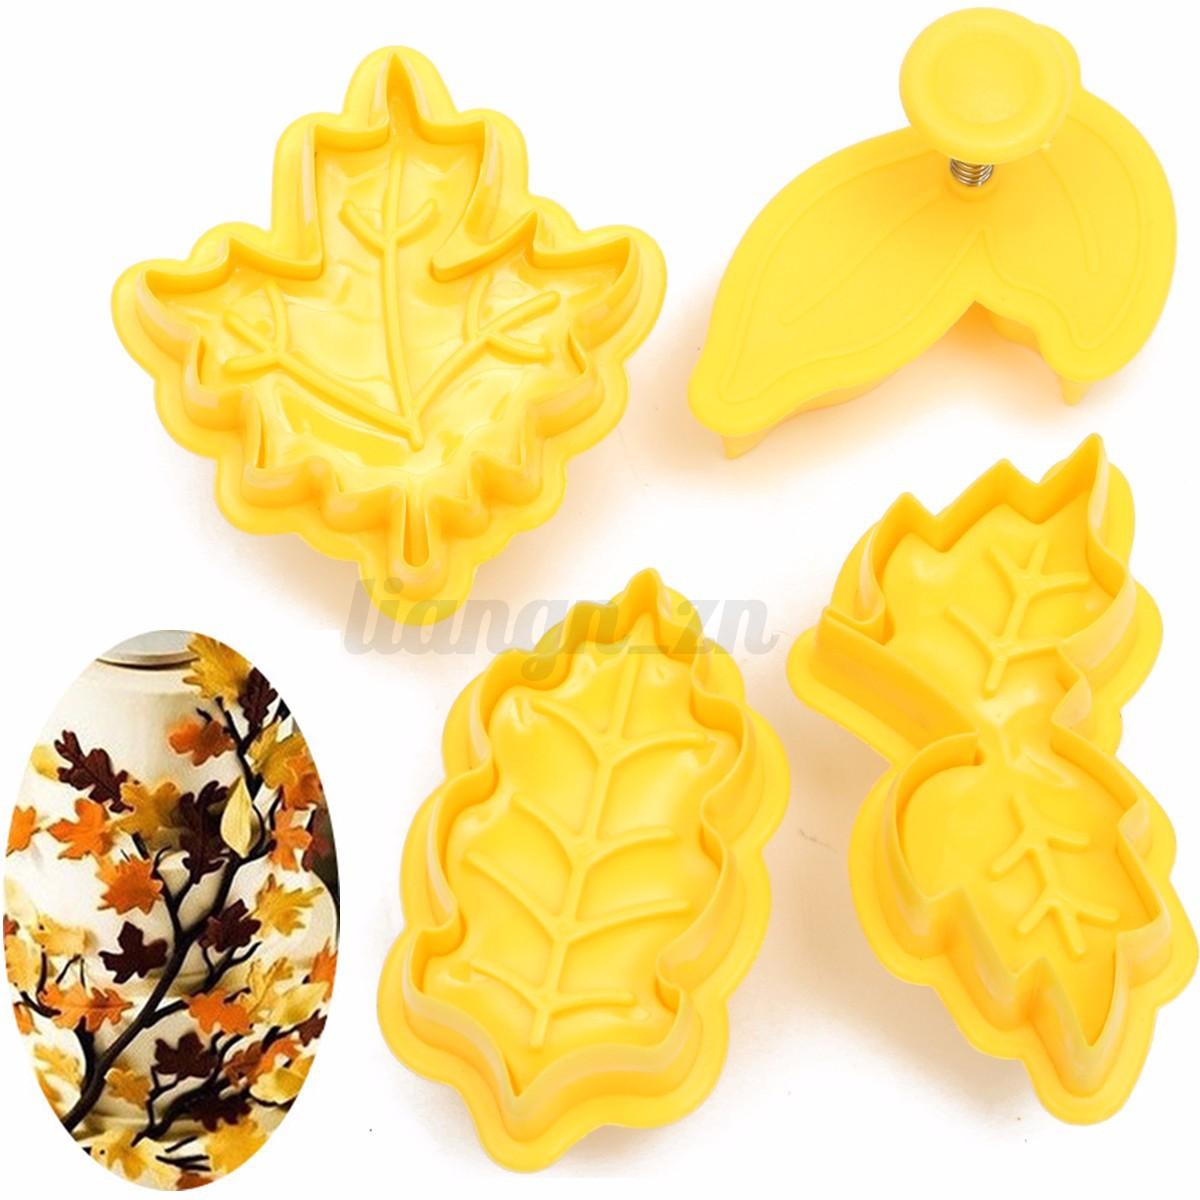 4PCS-Emporte-Piece-Patisserie-Decoupe-Pate-Biscuit-Moule-Sucre-Gateau-14-Styles